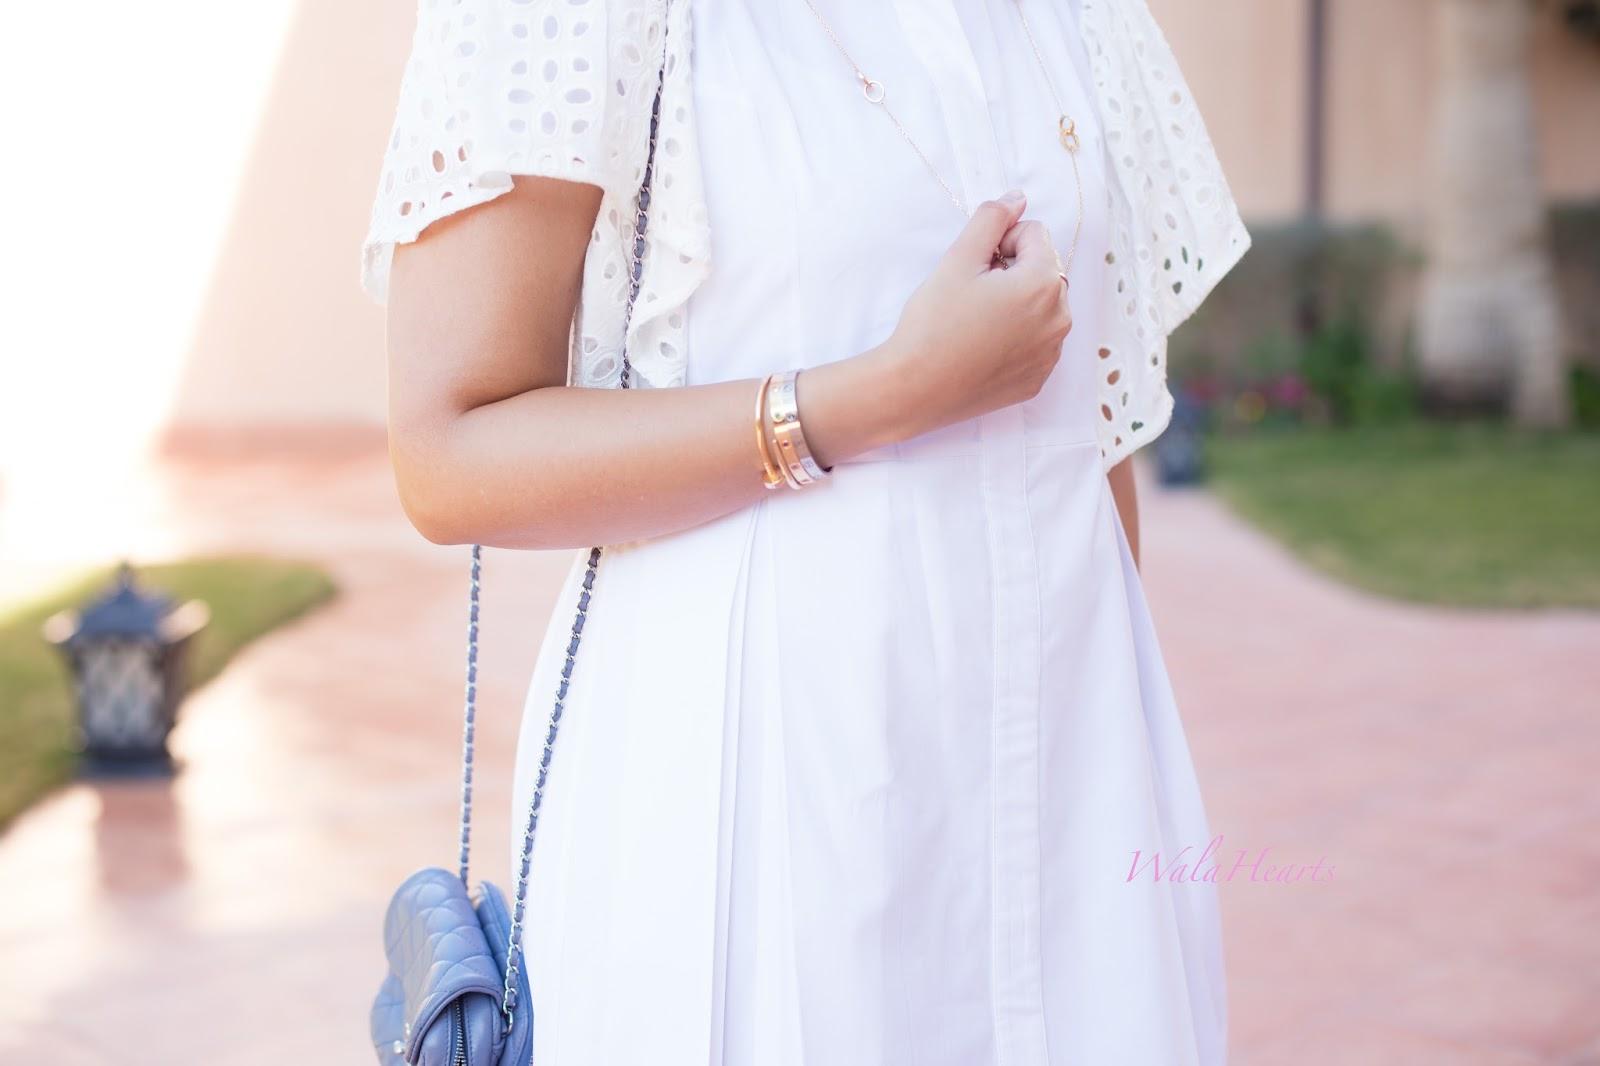 85faba526 OOTD: An Asli Filinta White Dress | WalaHearts | Bloglovin'